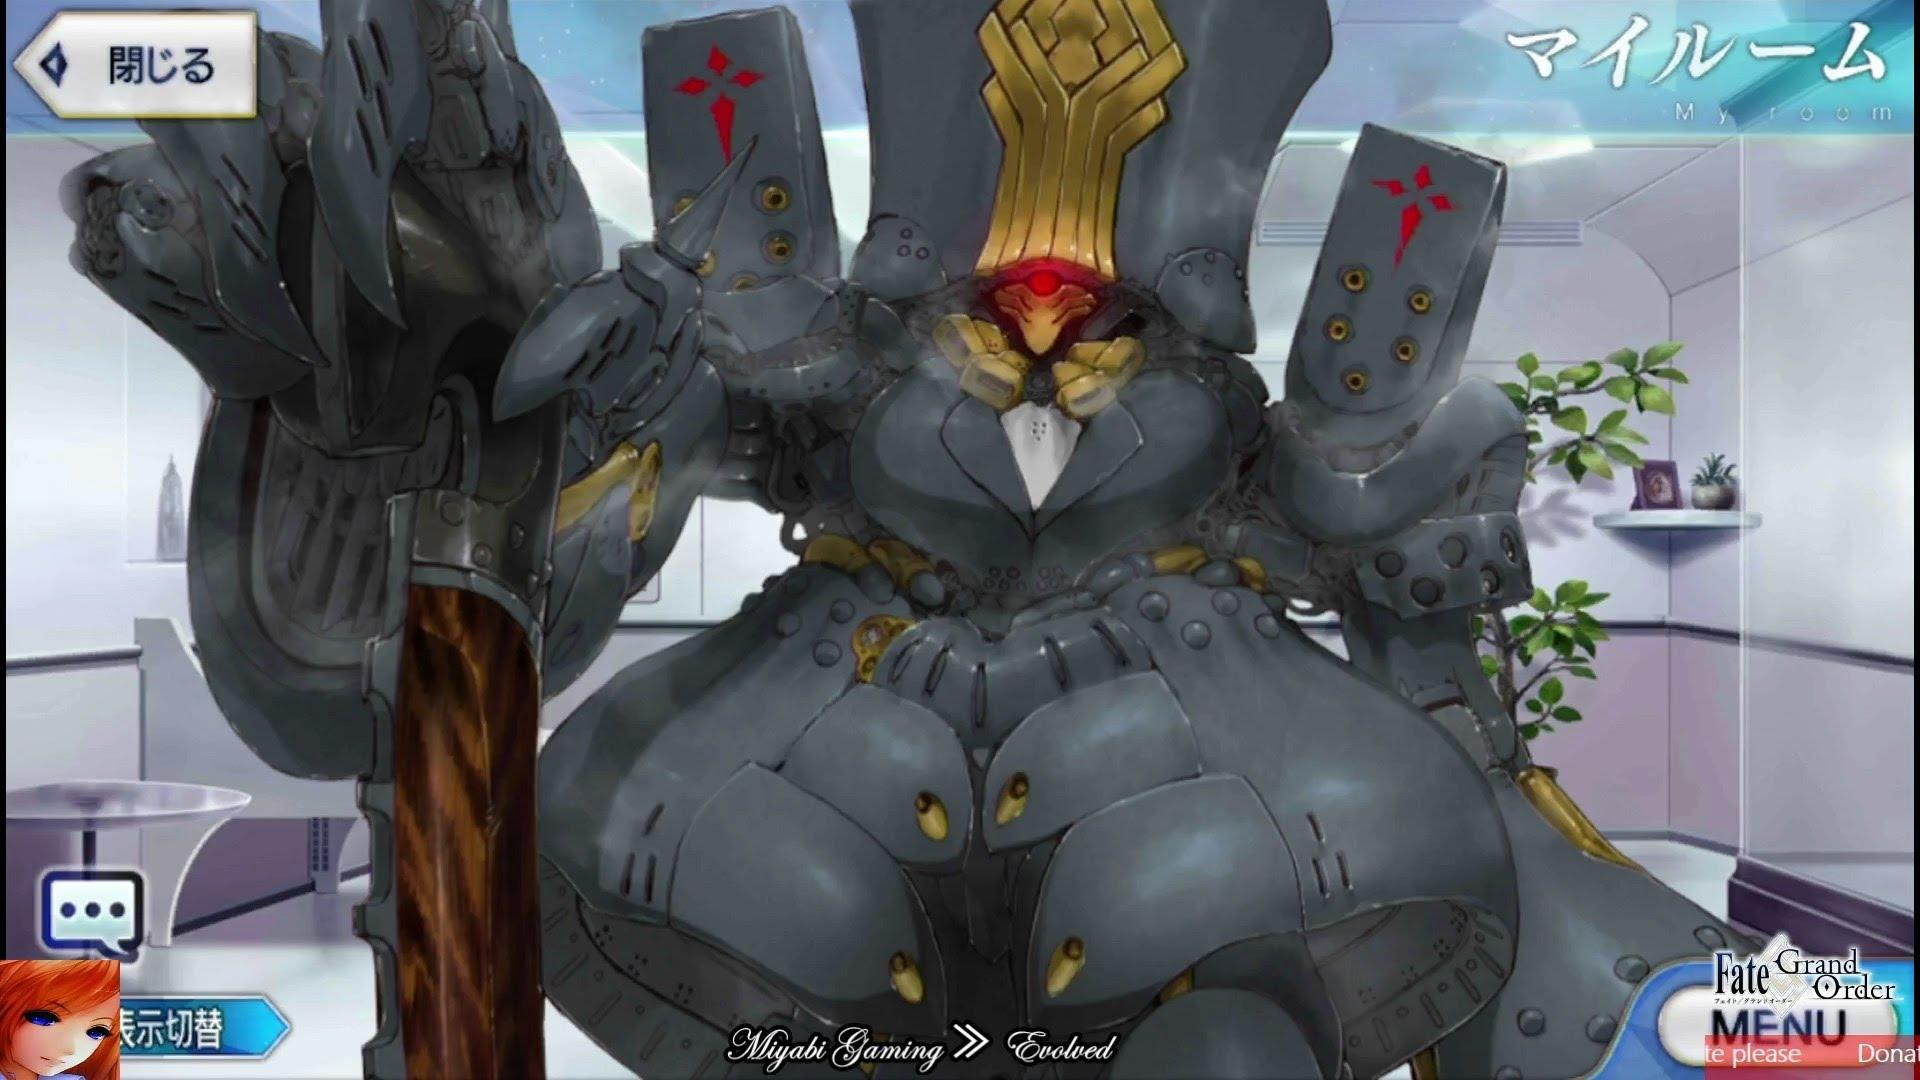 Fate/Grand Orderにも登場したコンピュータの父「チャールズ・バベッジ」は江戸時代にゲーム機を考案していた!?【ゲーム年代史】